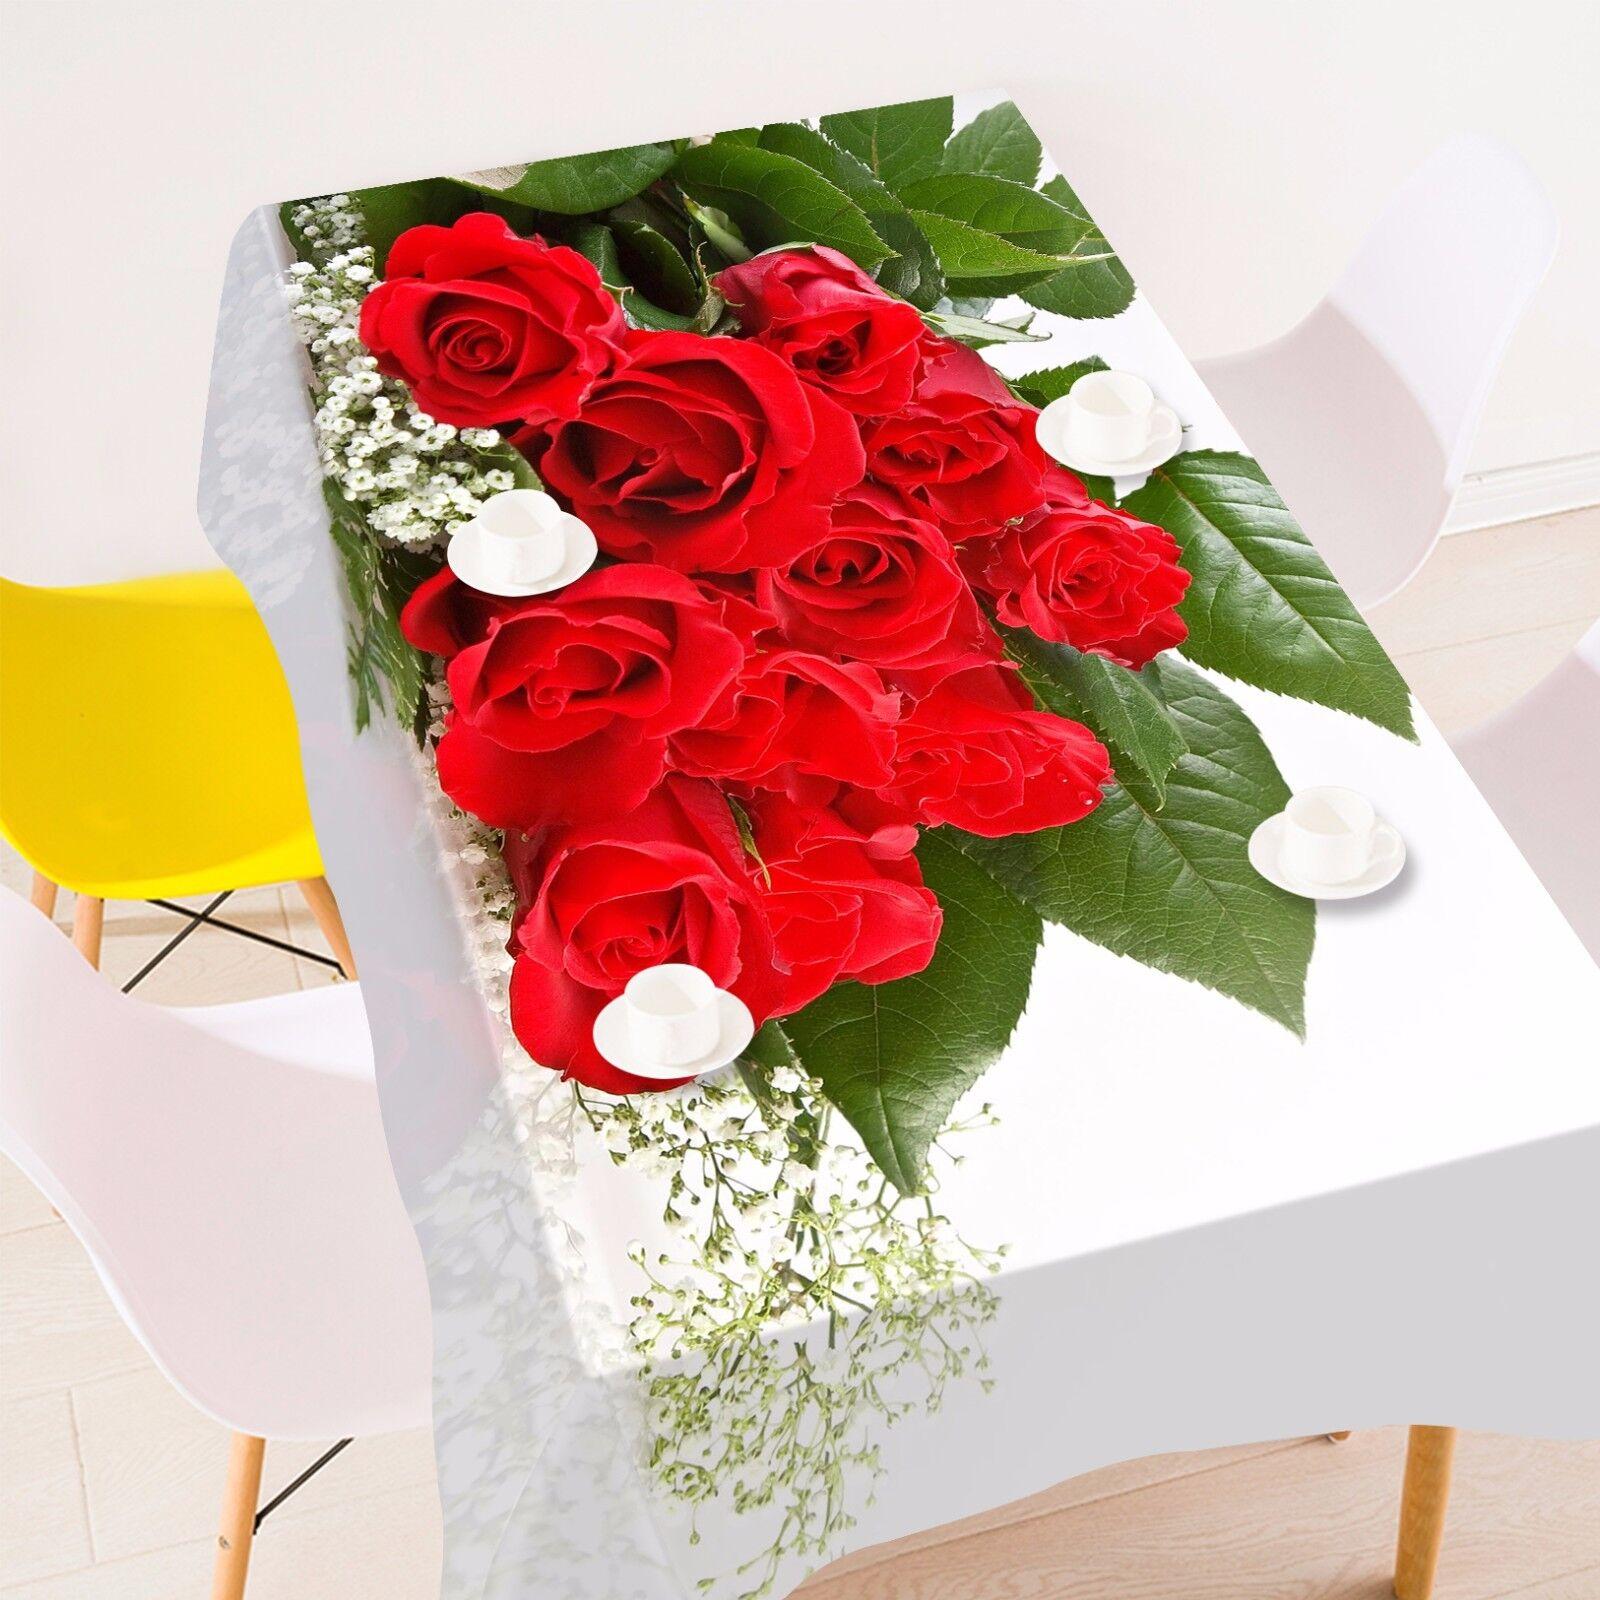 3D Bouquet 4 Nappe Table Cover Cloth fête d'anniversaire AJ papier peint Royaume-Uni Citron